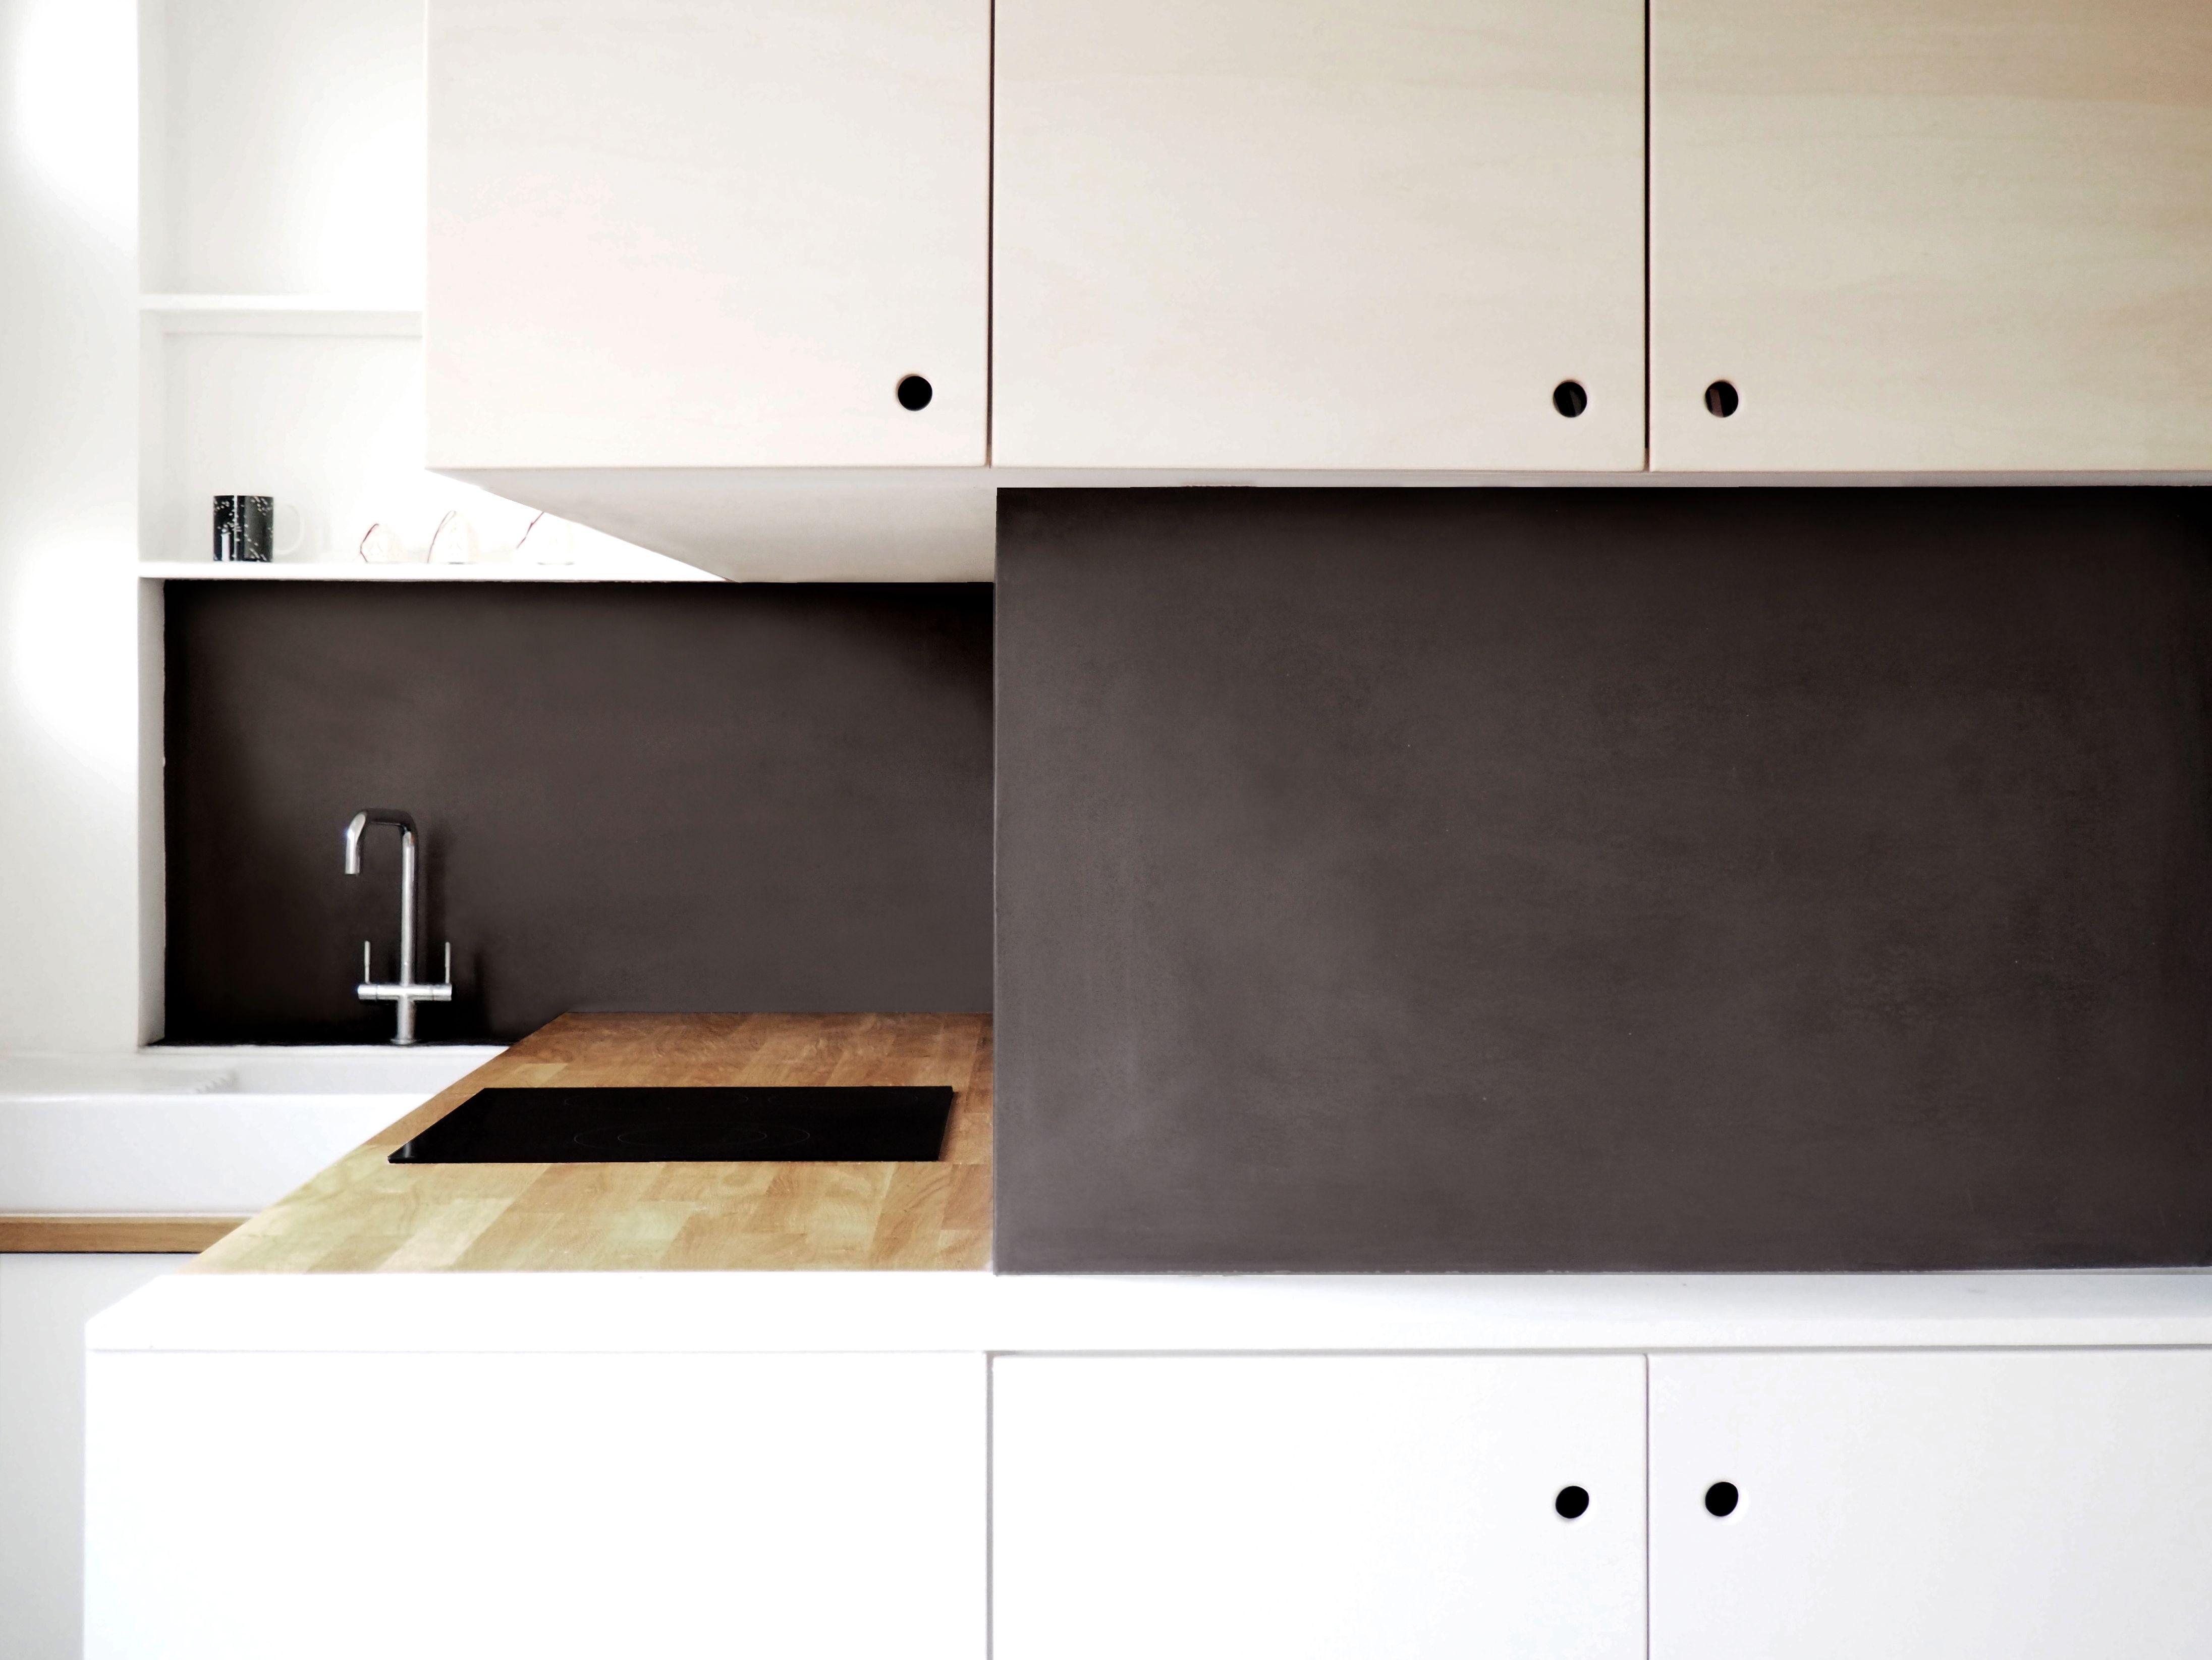 cuisine ouverte sur séjour - meuble bois contreplaqué hêtre - mur